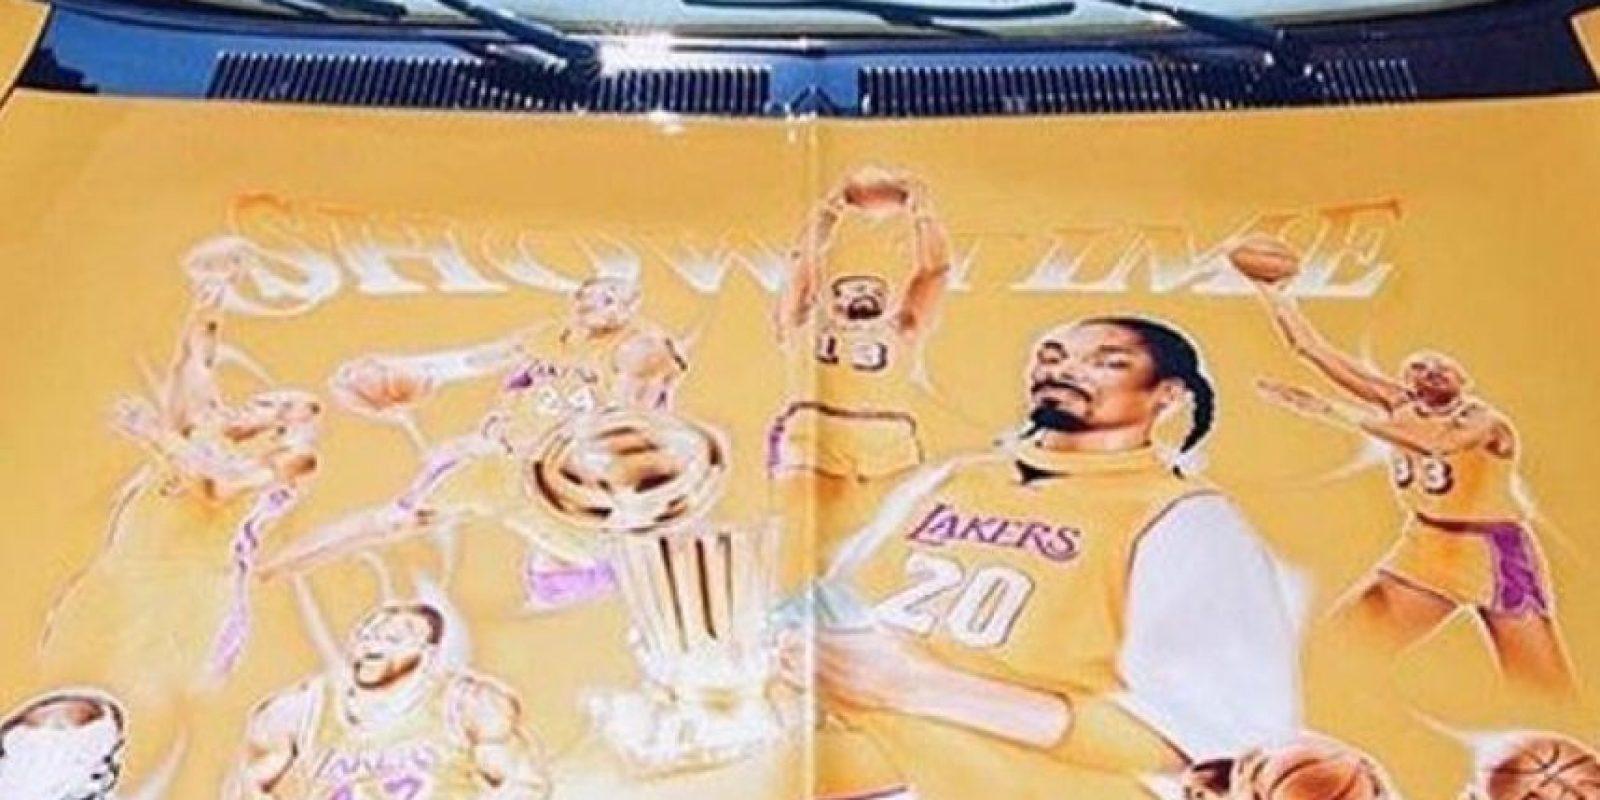 El auto tiene a leyendas de Los Angeles Lakers Foto:Instagram Snoop Dogg